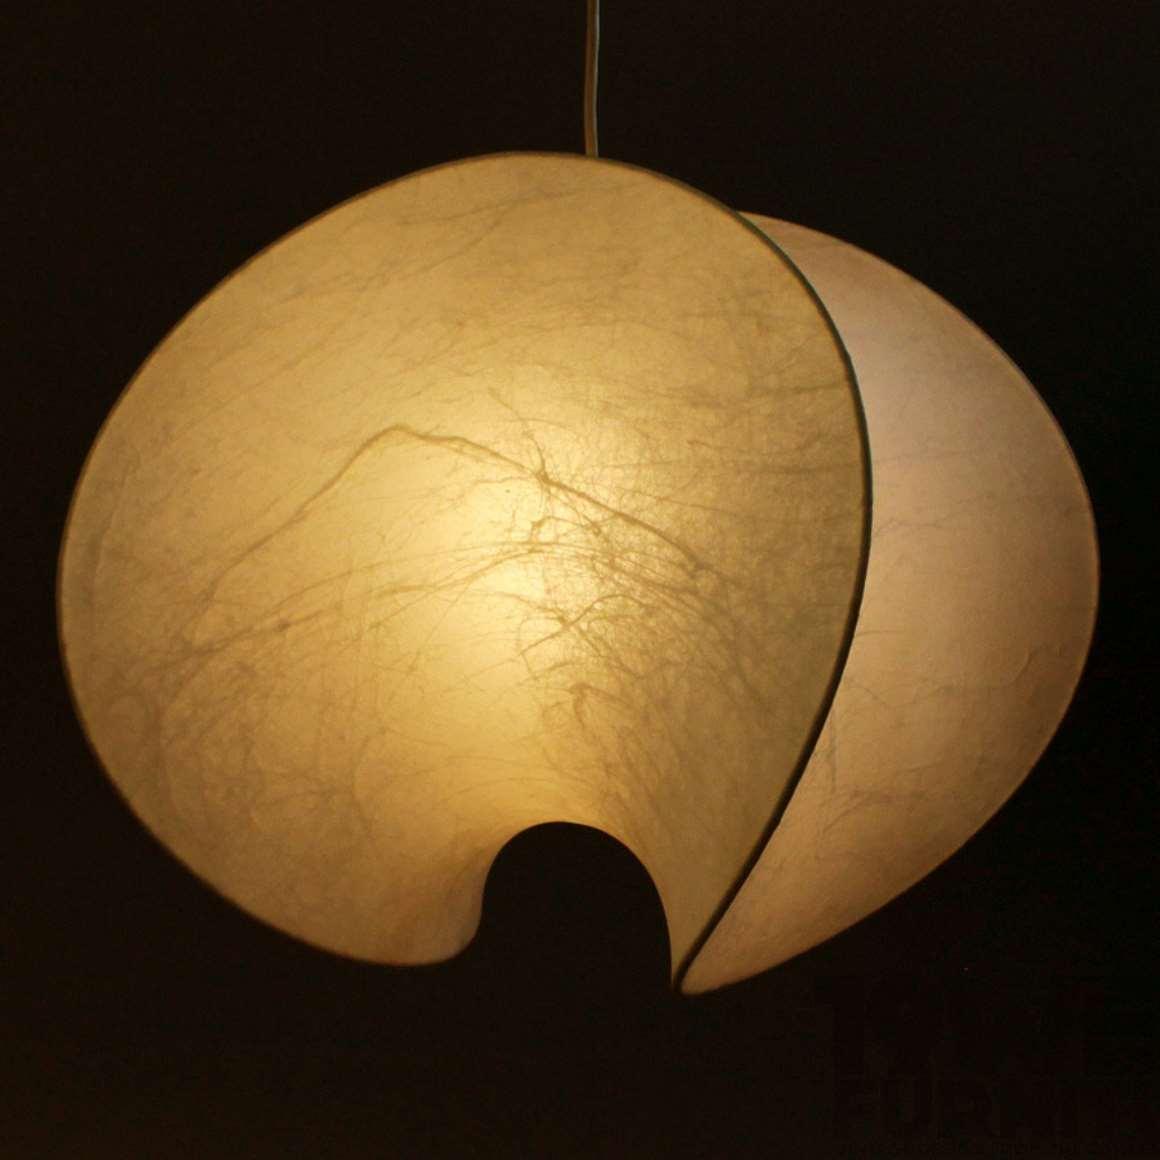 Goldkant Leuchten Cocoon Pendant Lamp Orsa 1960s Friedel Wauer